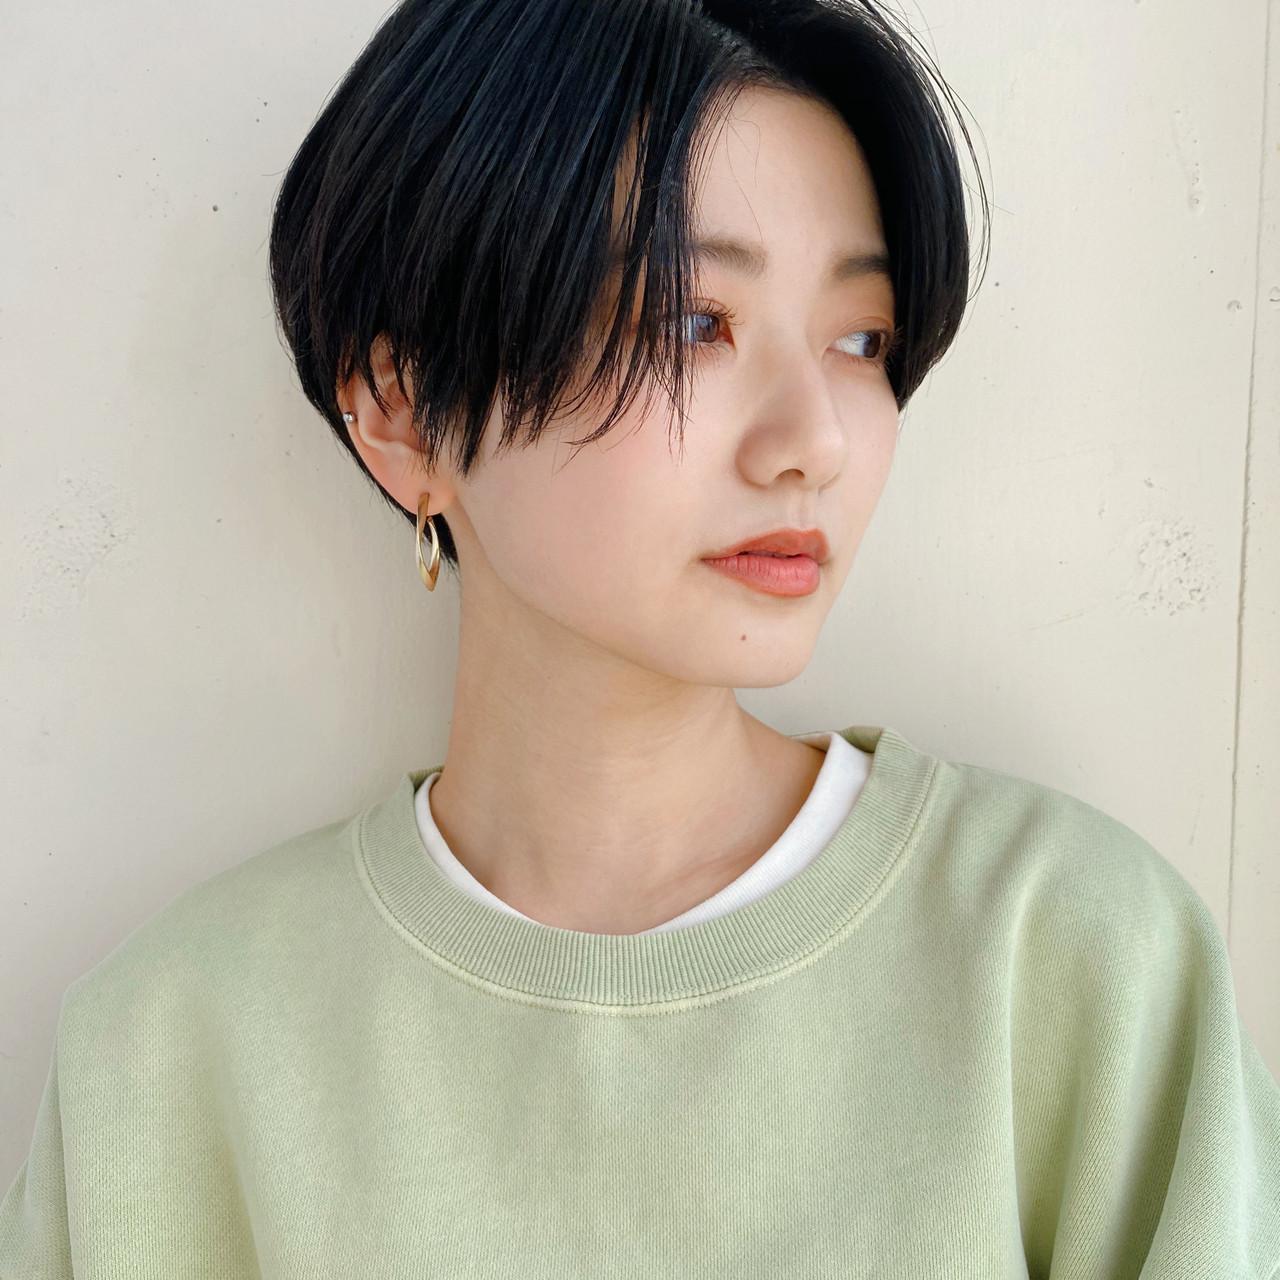 【30・40代】レングス別ヘアカタログ♡大人女子にしてほしい髪型20選